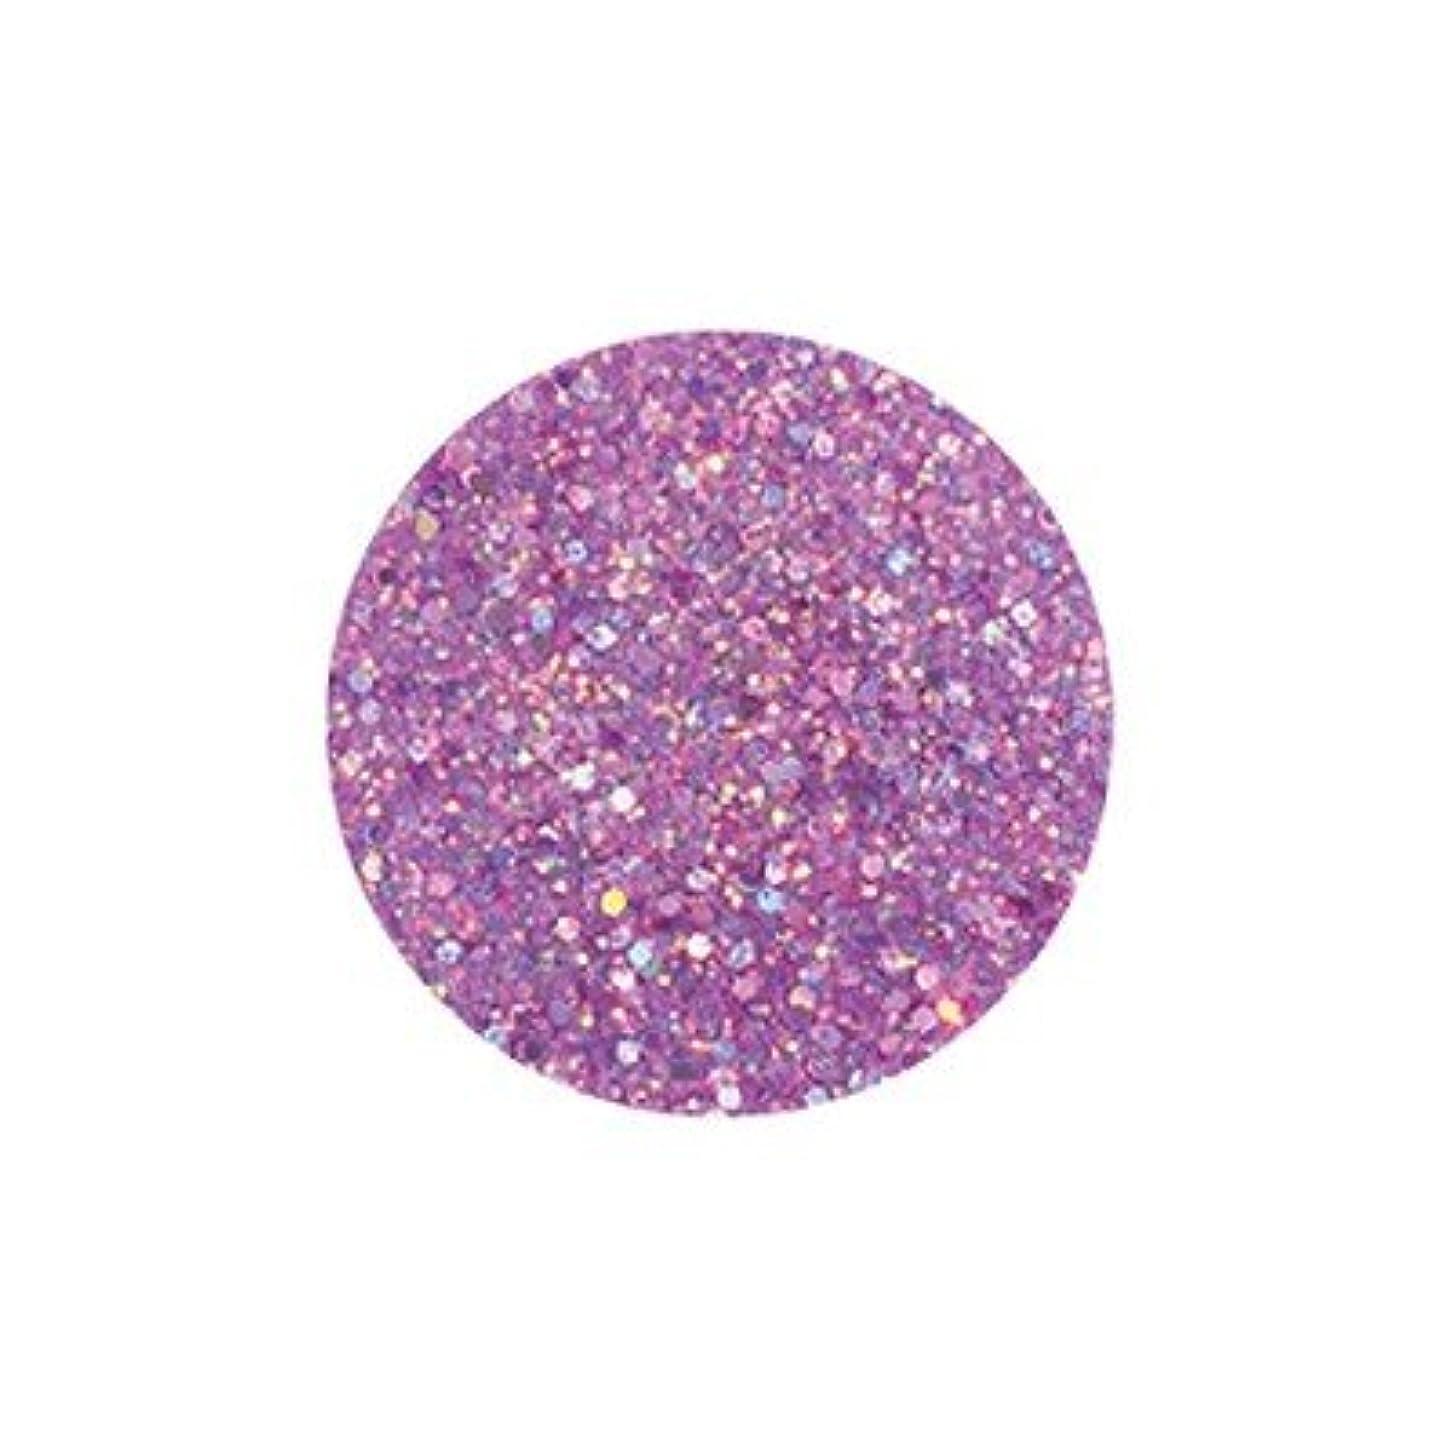 FANTASY NAIL ダイヤモンドコレクション 3g 4258XS カラーパウダー アート材